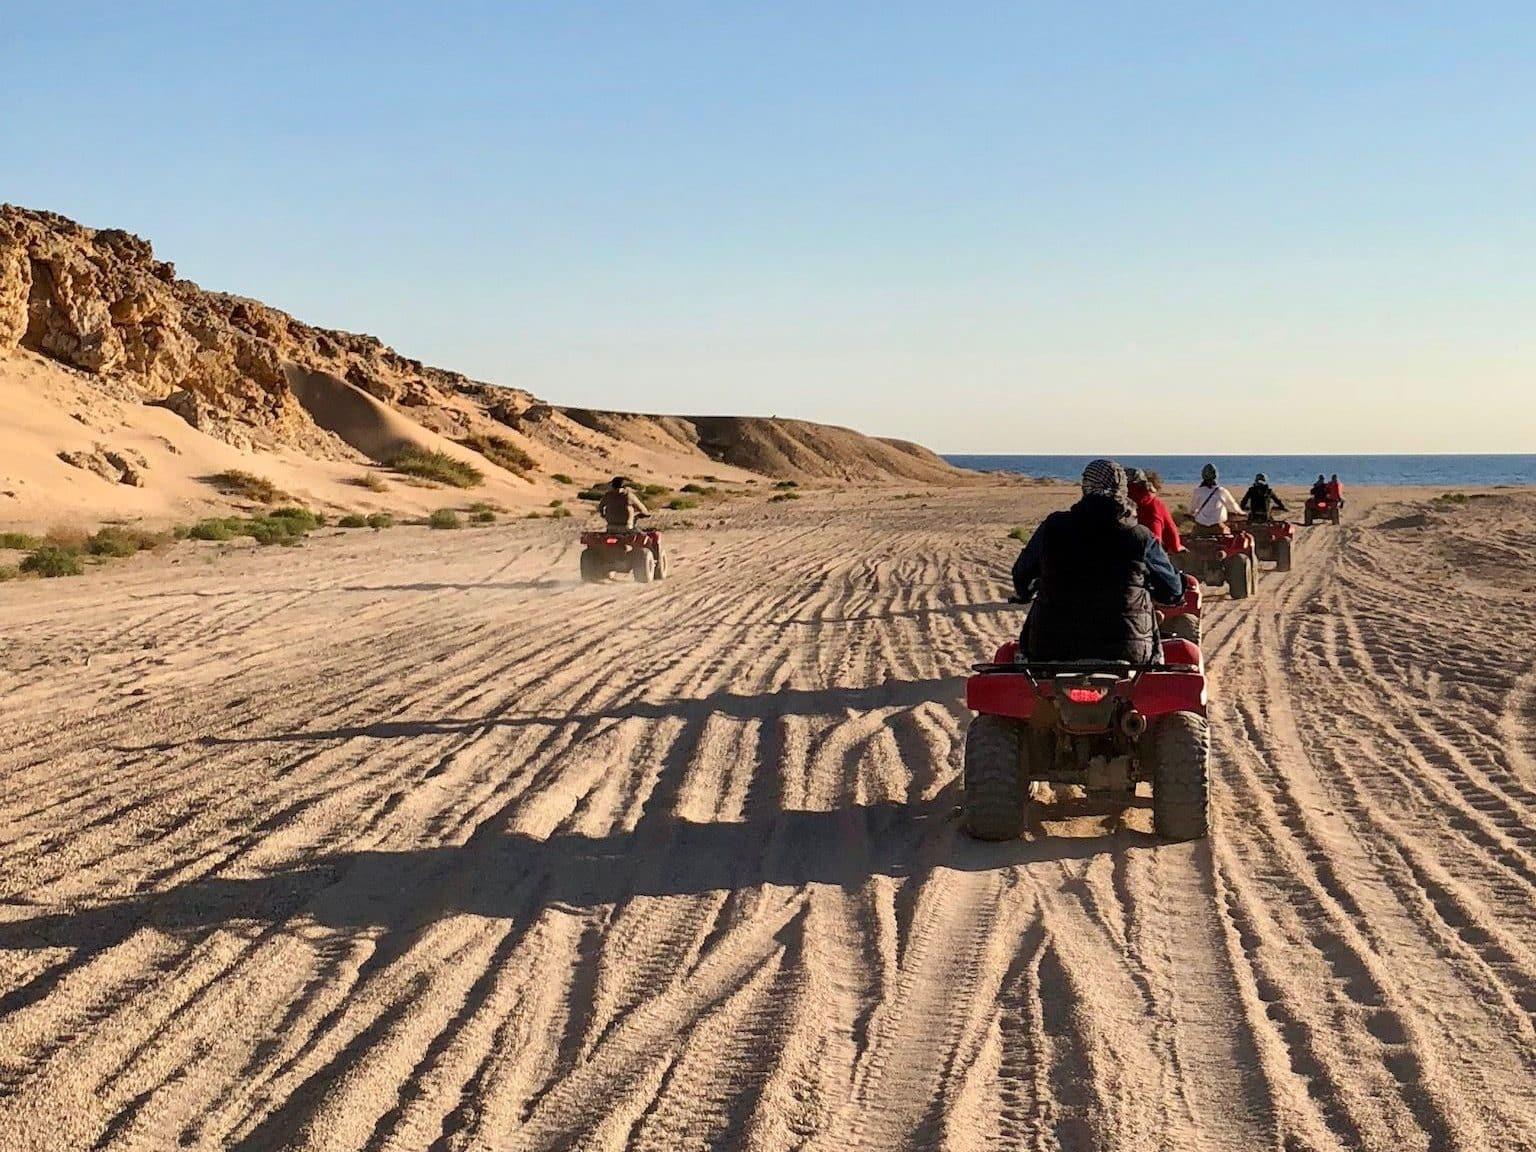 Mit dem Quad geht es von Sharm El Sheik aus ab in die Wüste Sinai. Foto: Sascha Tegtmeyer